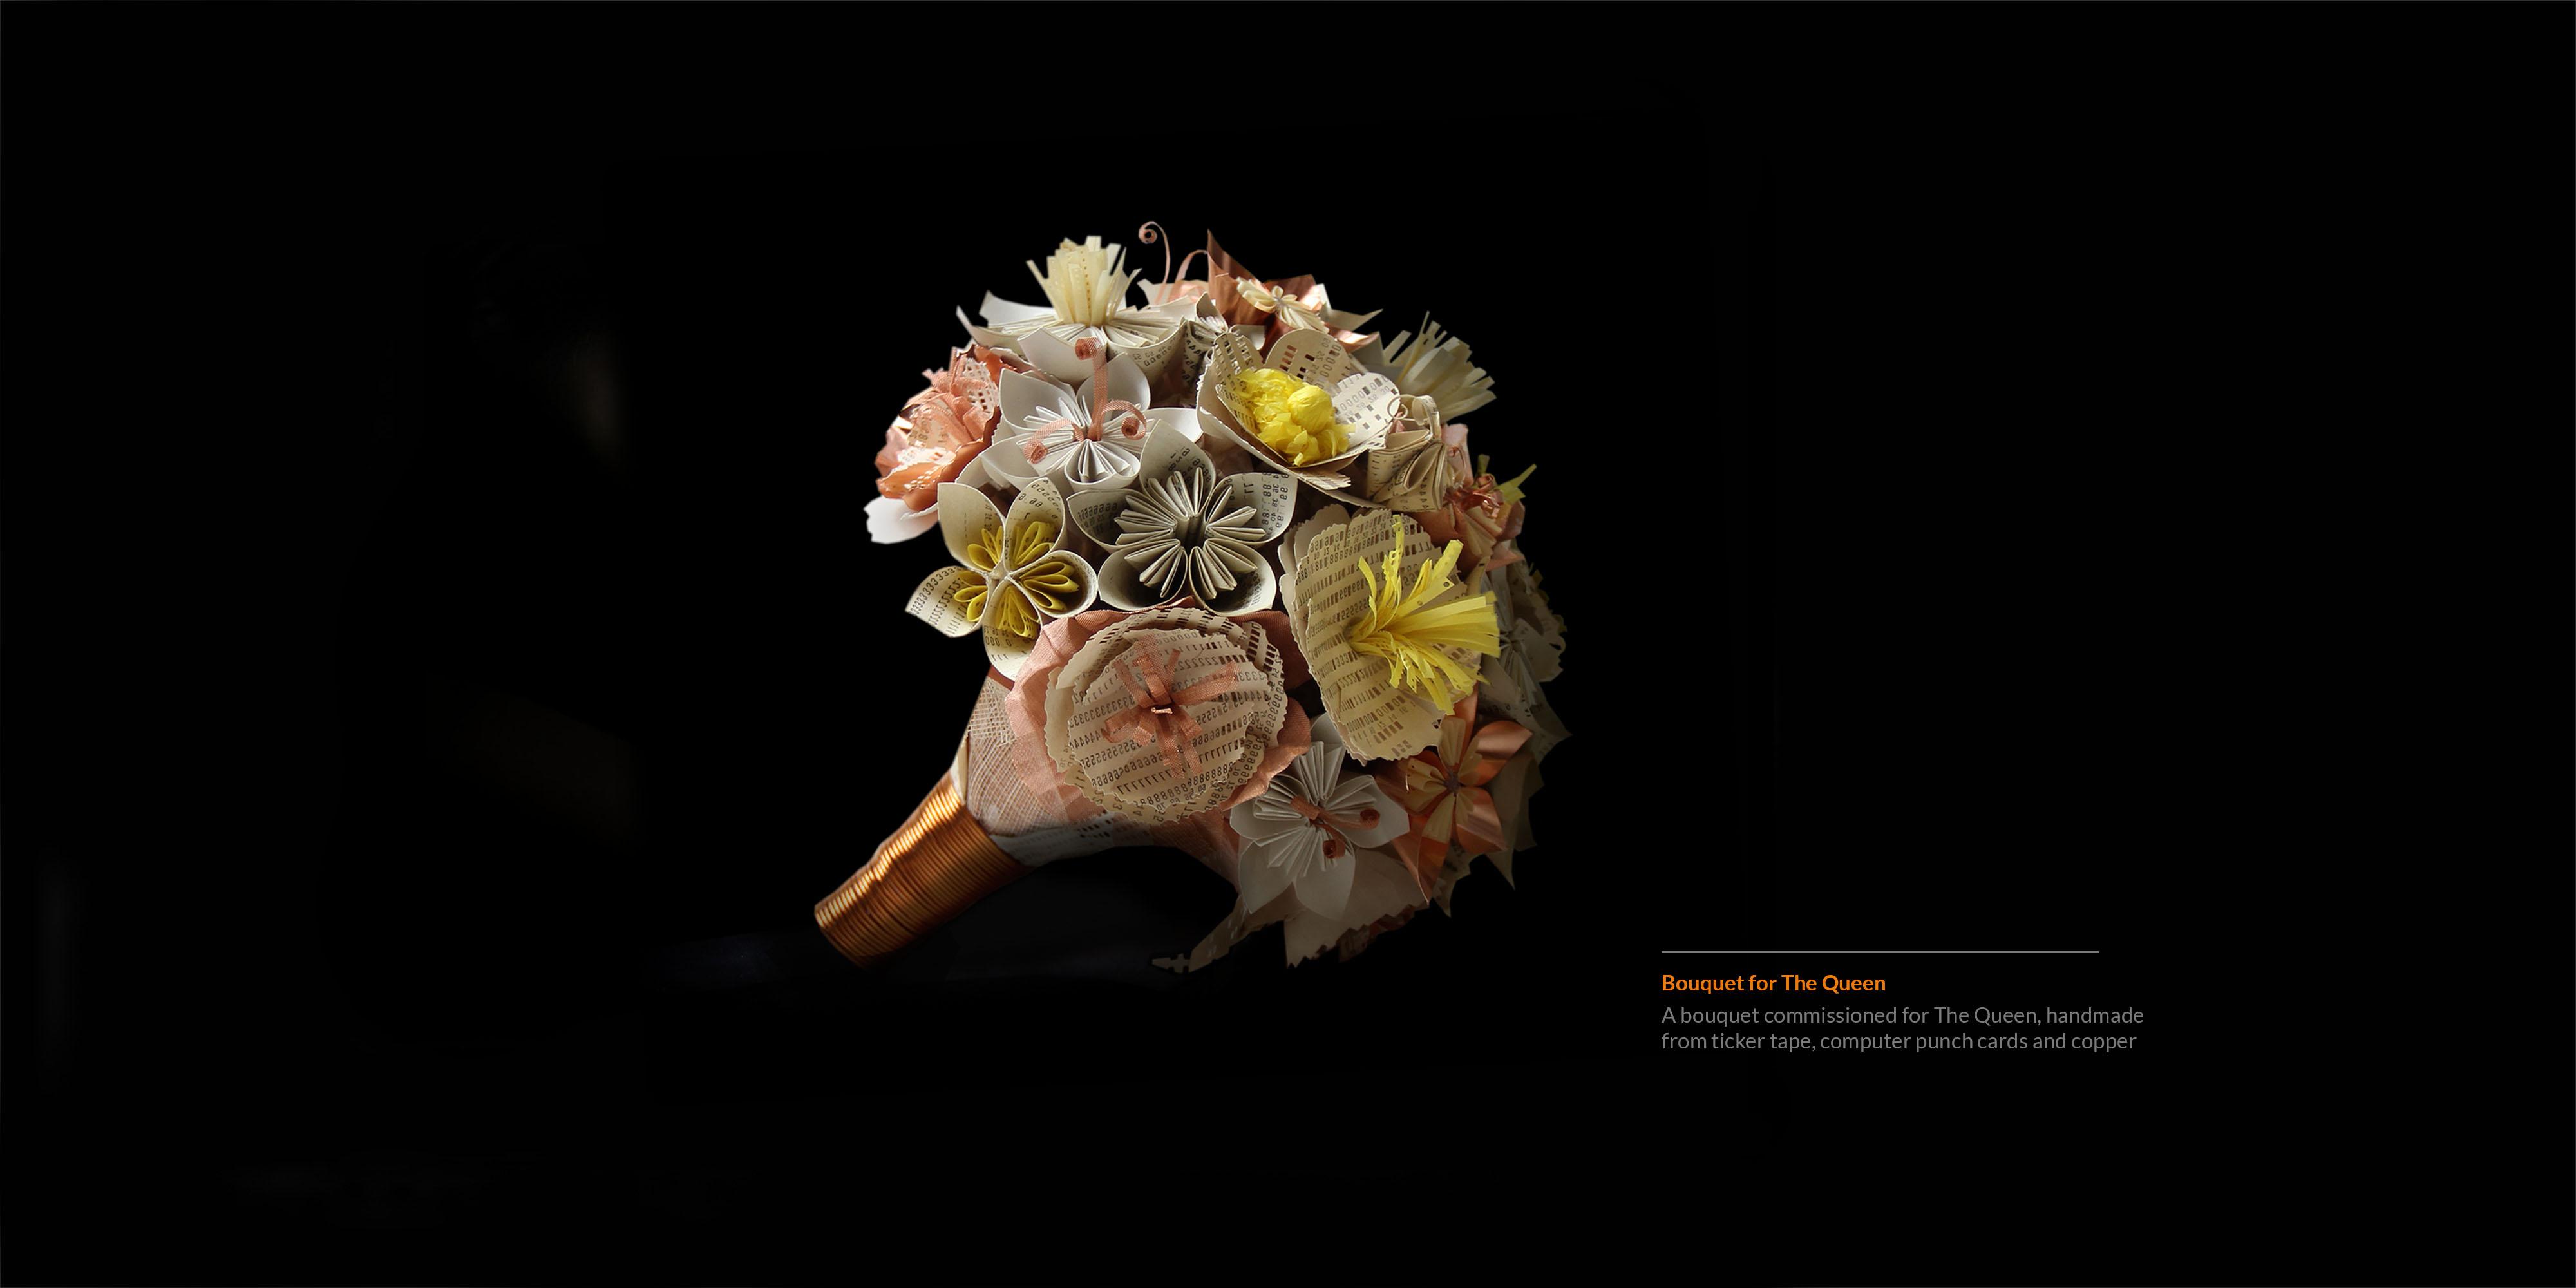 bouquet-text-mirror24